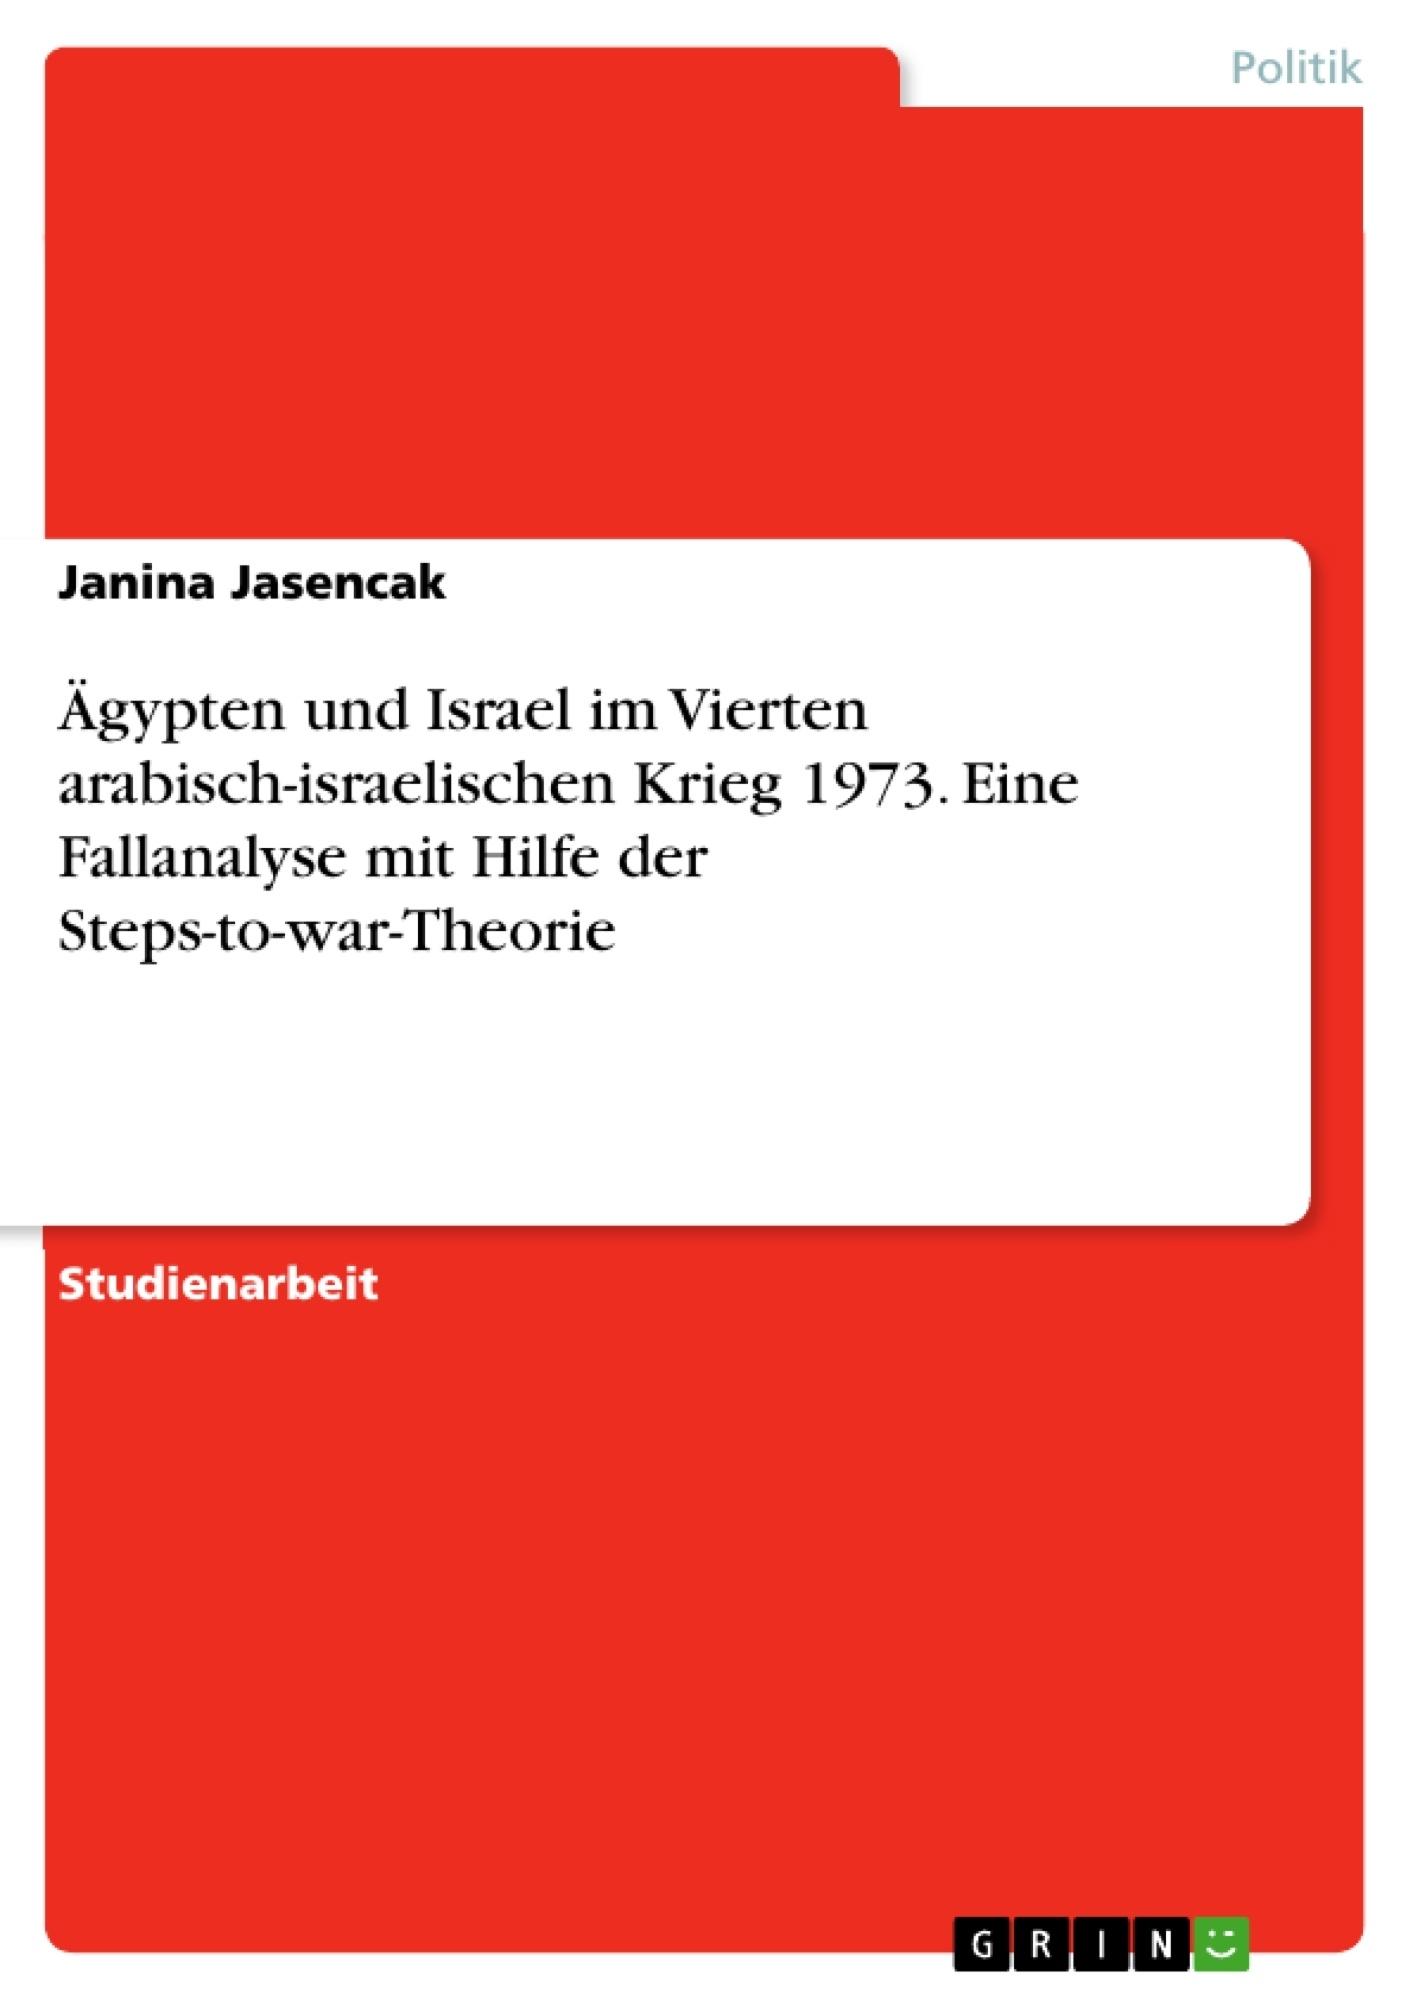 Titel: Ägypten und Israel im Vierten arabisch-israelischen Krieg 1973. Eine Fallanalyse mit Hilfe der Steps-to-war-Theorie